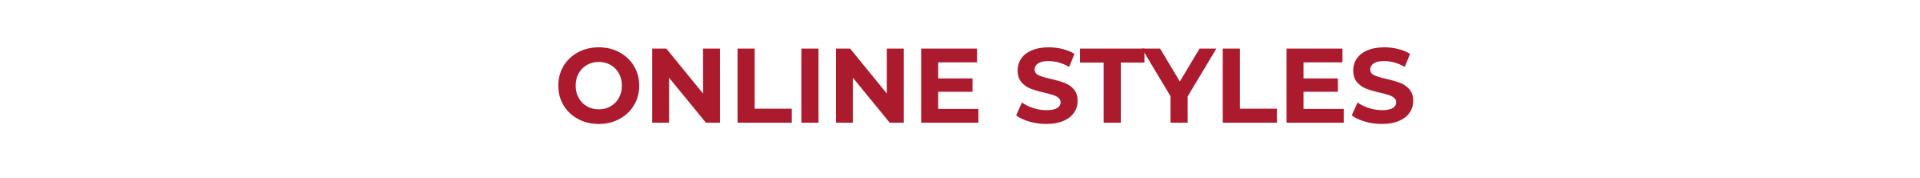 online styles for teaching header